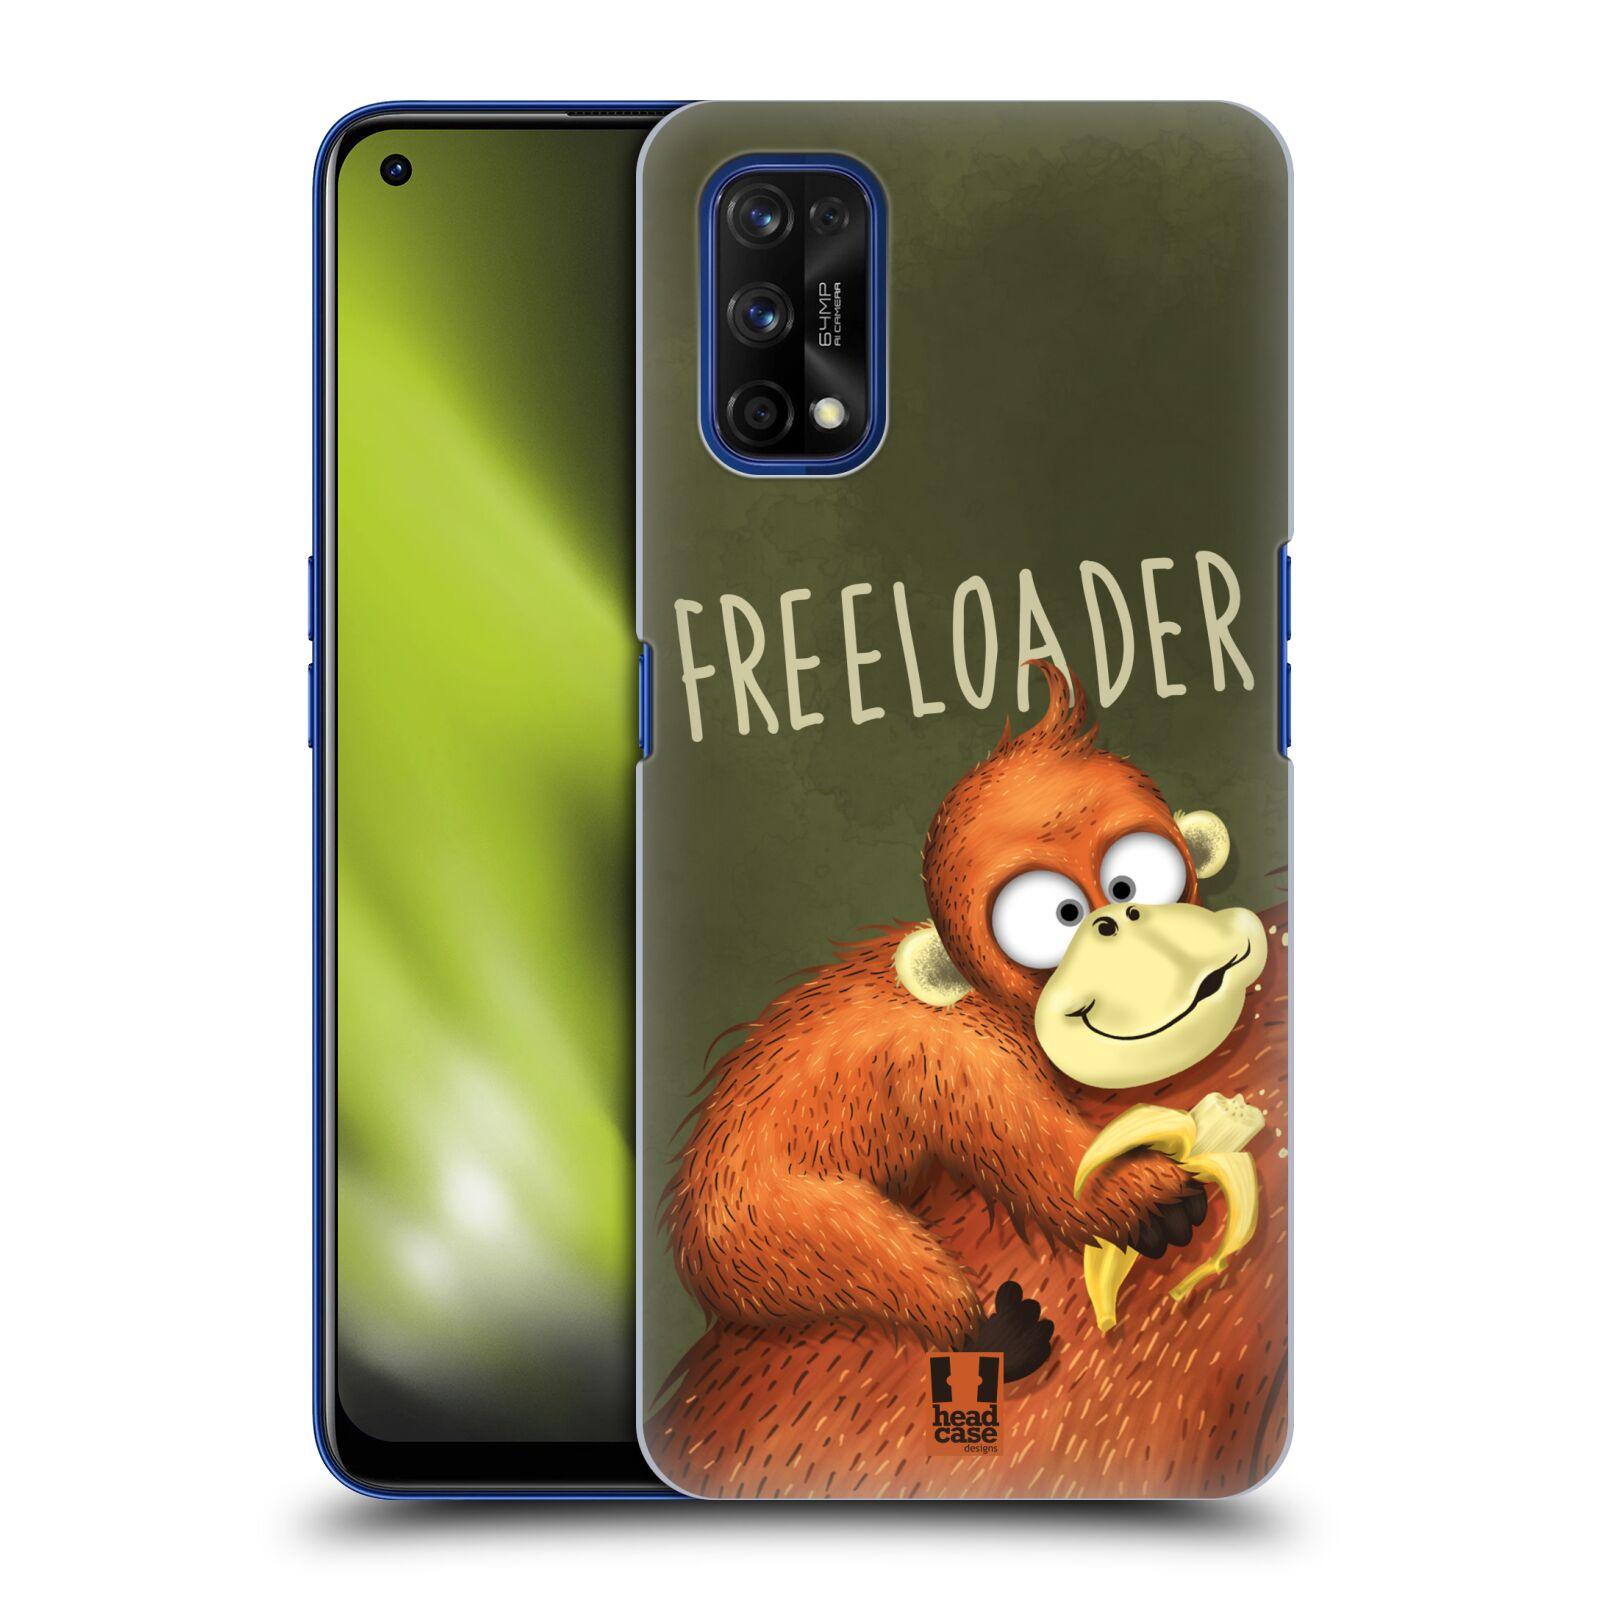 Plastové pouzdro na mobil Realme 7 Pro - Head Case - Opičák Freeloader